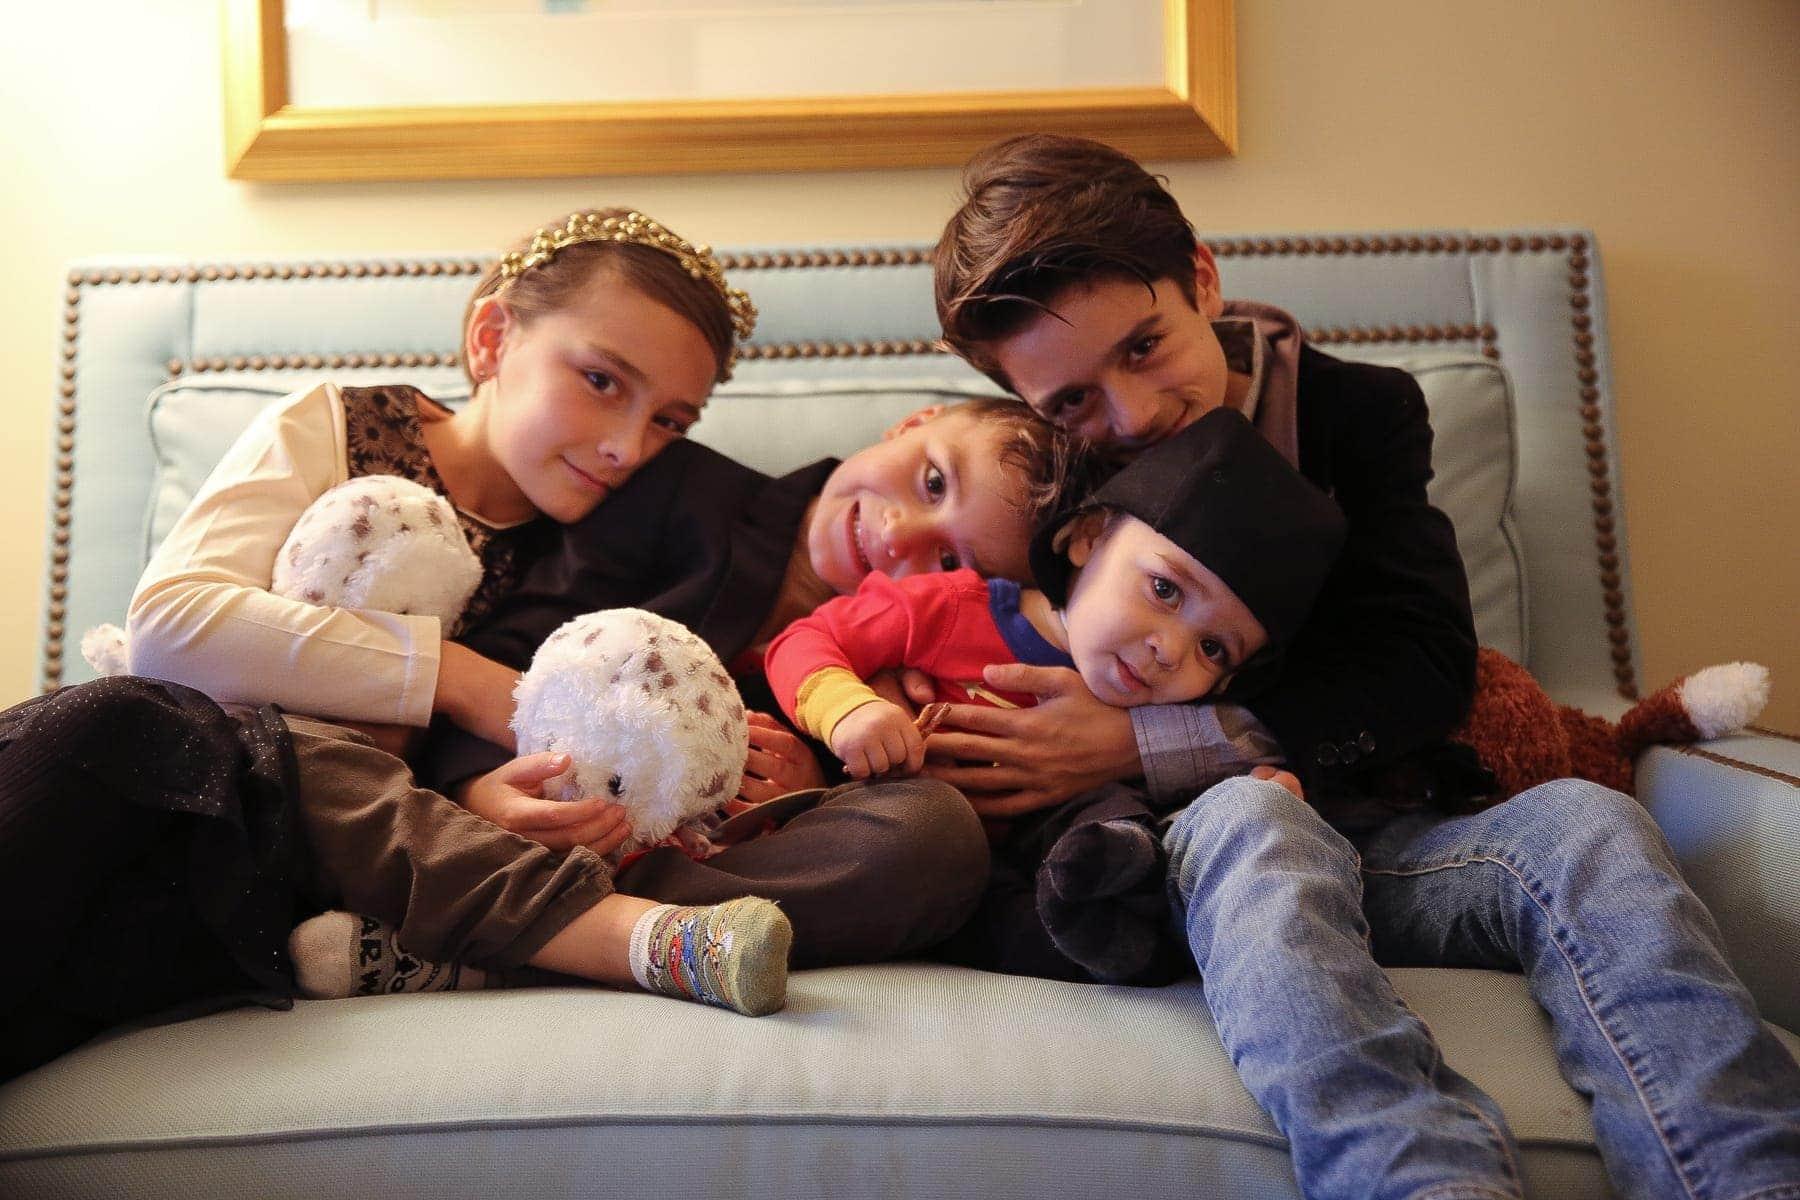 children cuddling on couch